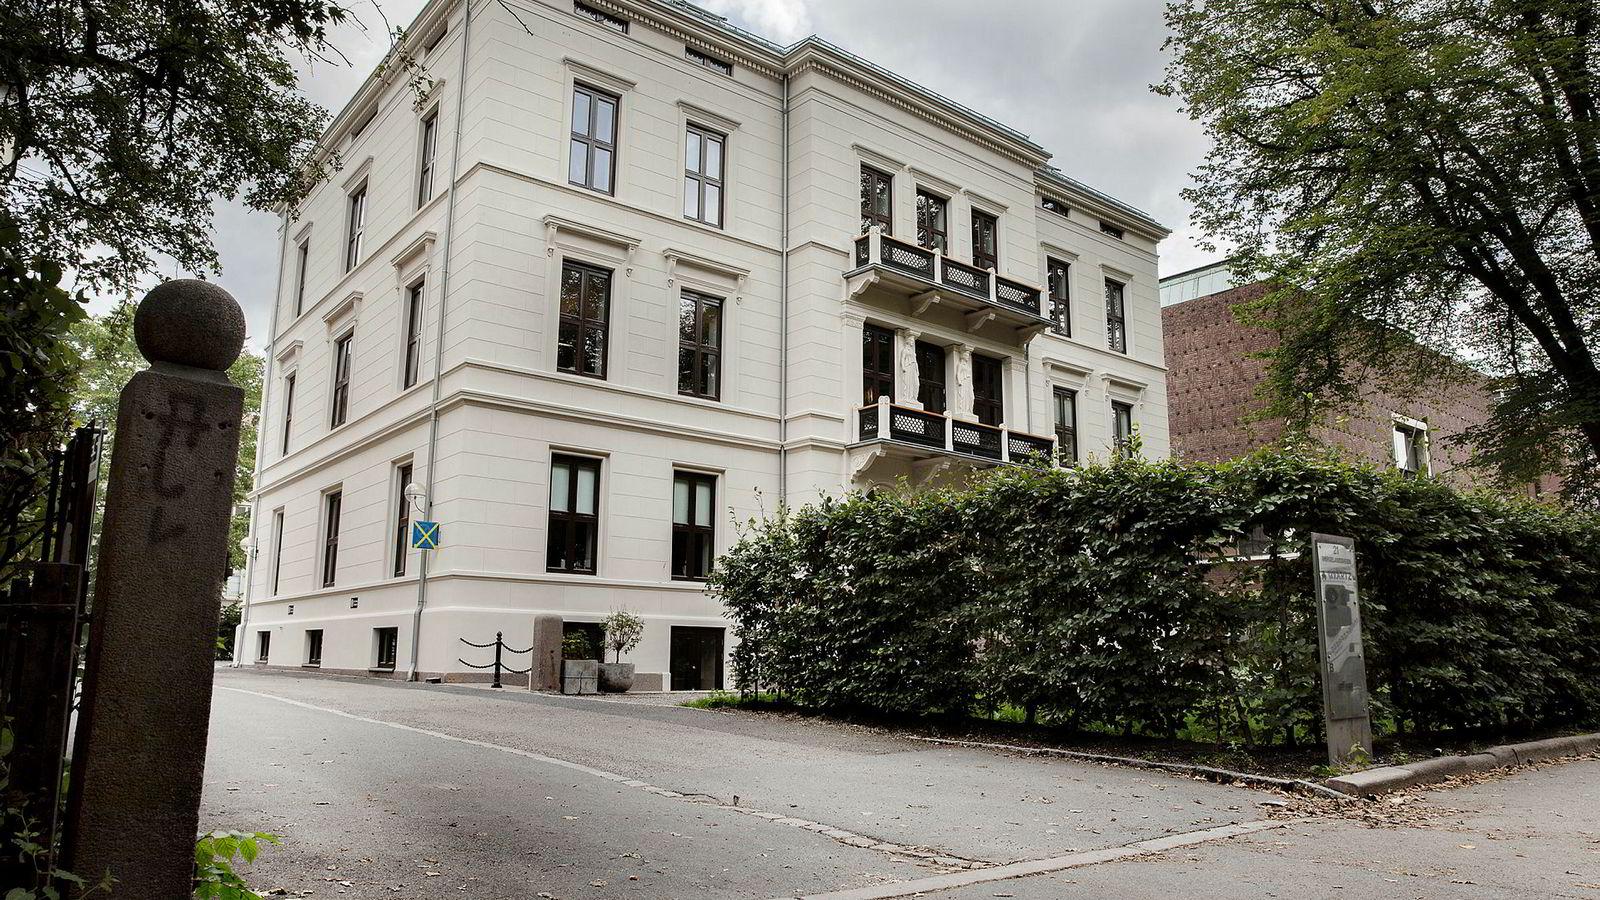 Selgerne av Wergelandsveien 21 i Oslo slipper å betale erstatning til Akershus Fylkeskommunale Pensjonskasse etter å ha solgt aksjeselskapet som eide bygården.